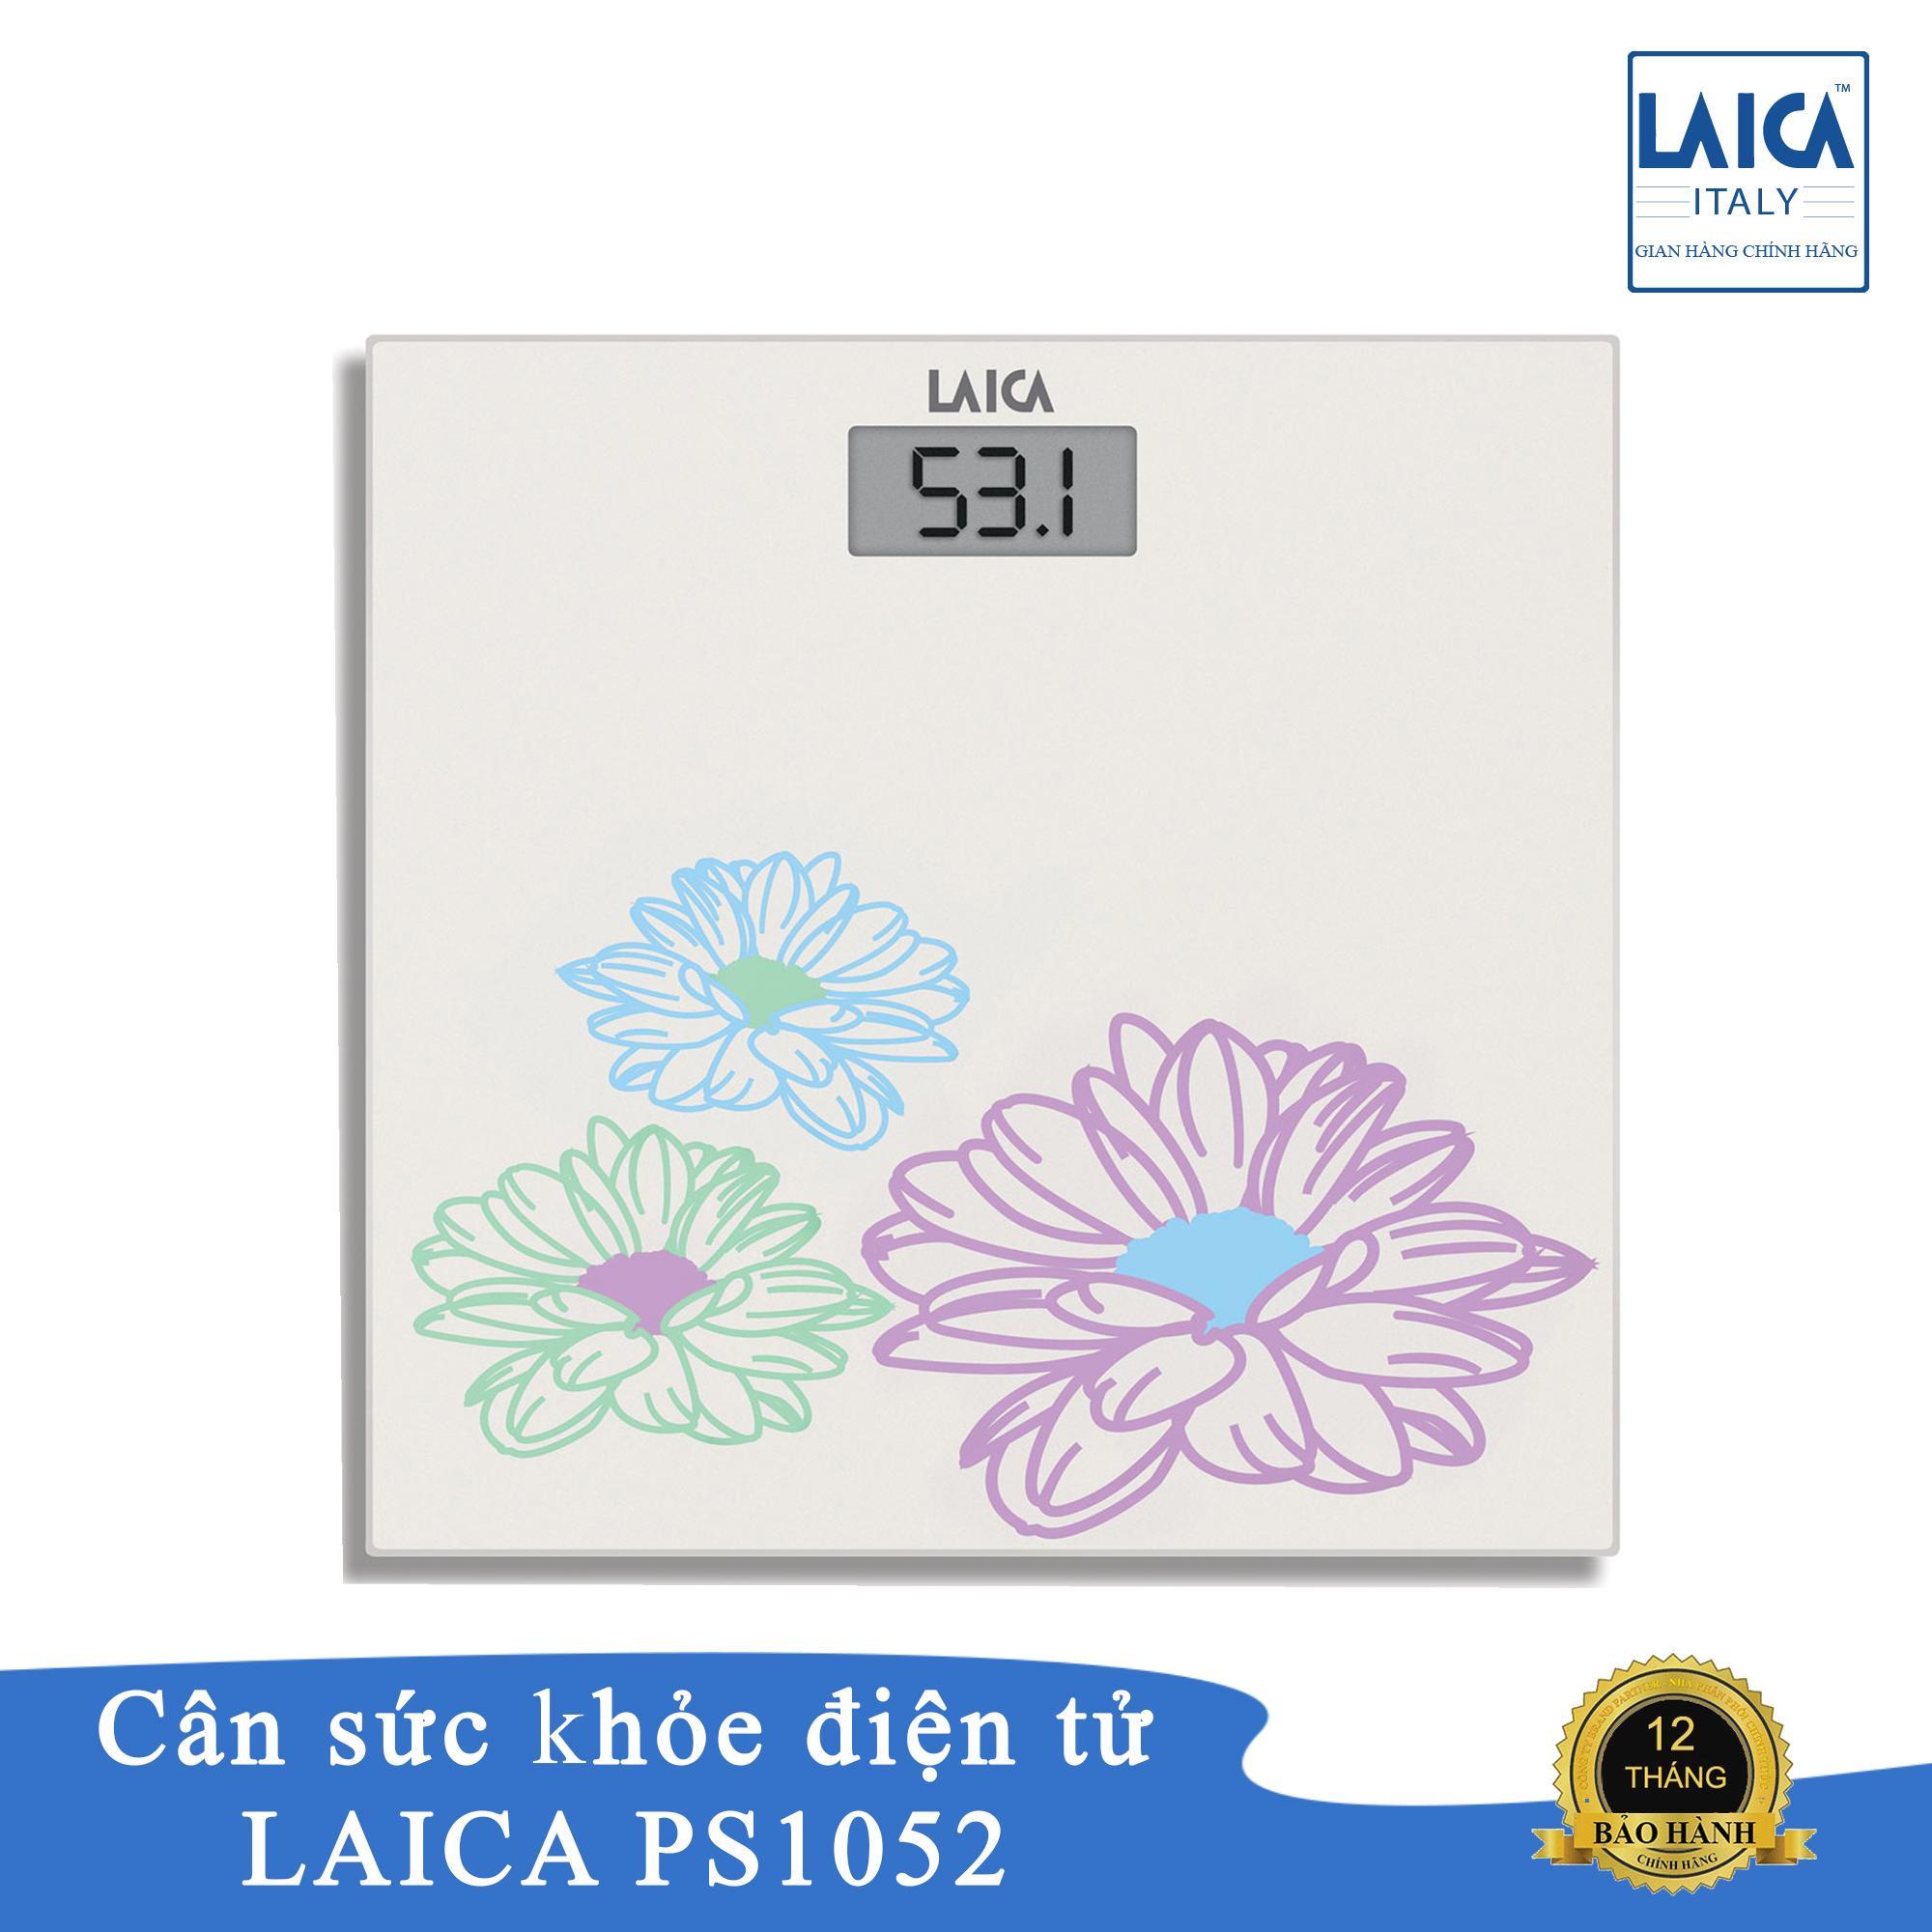 Cân sức khỏe điện tử Laica PS1052 - cân tối đa 130k bước nhảy 0,1kg nhập khẩu